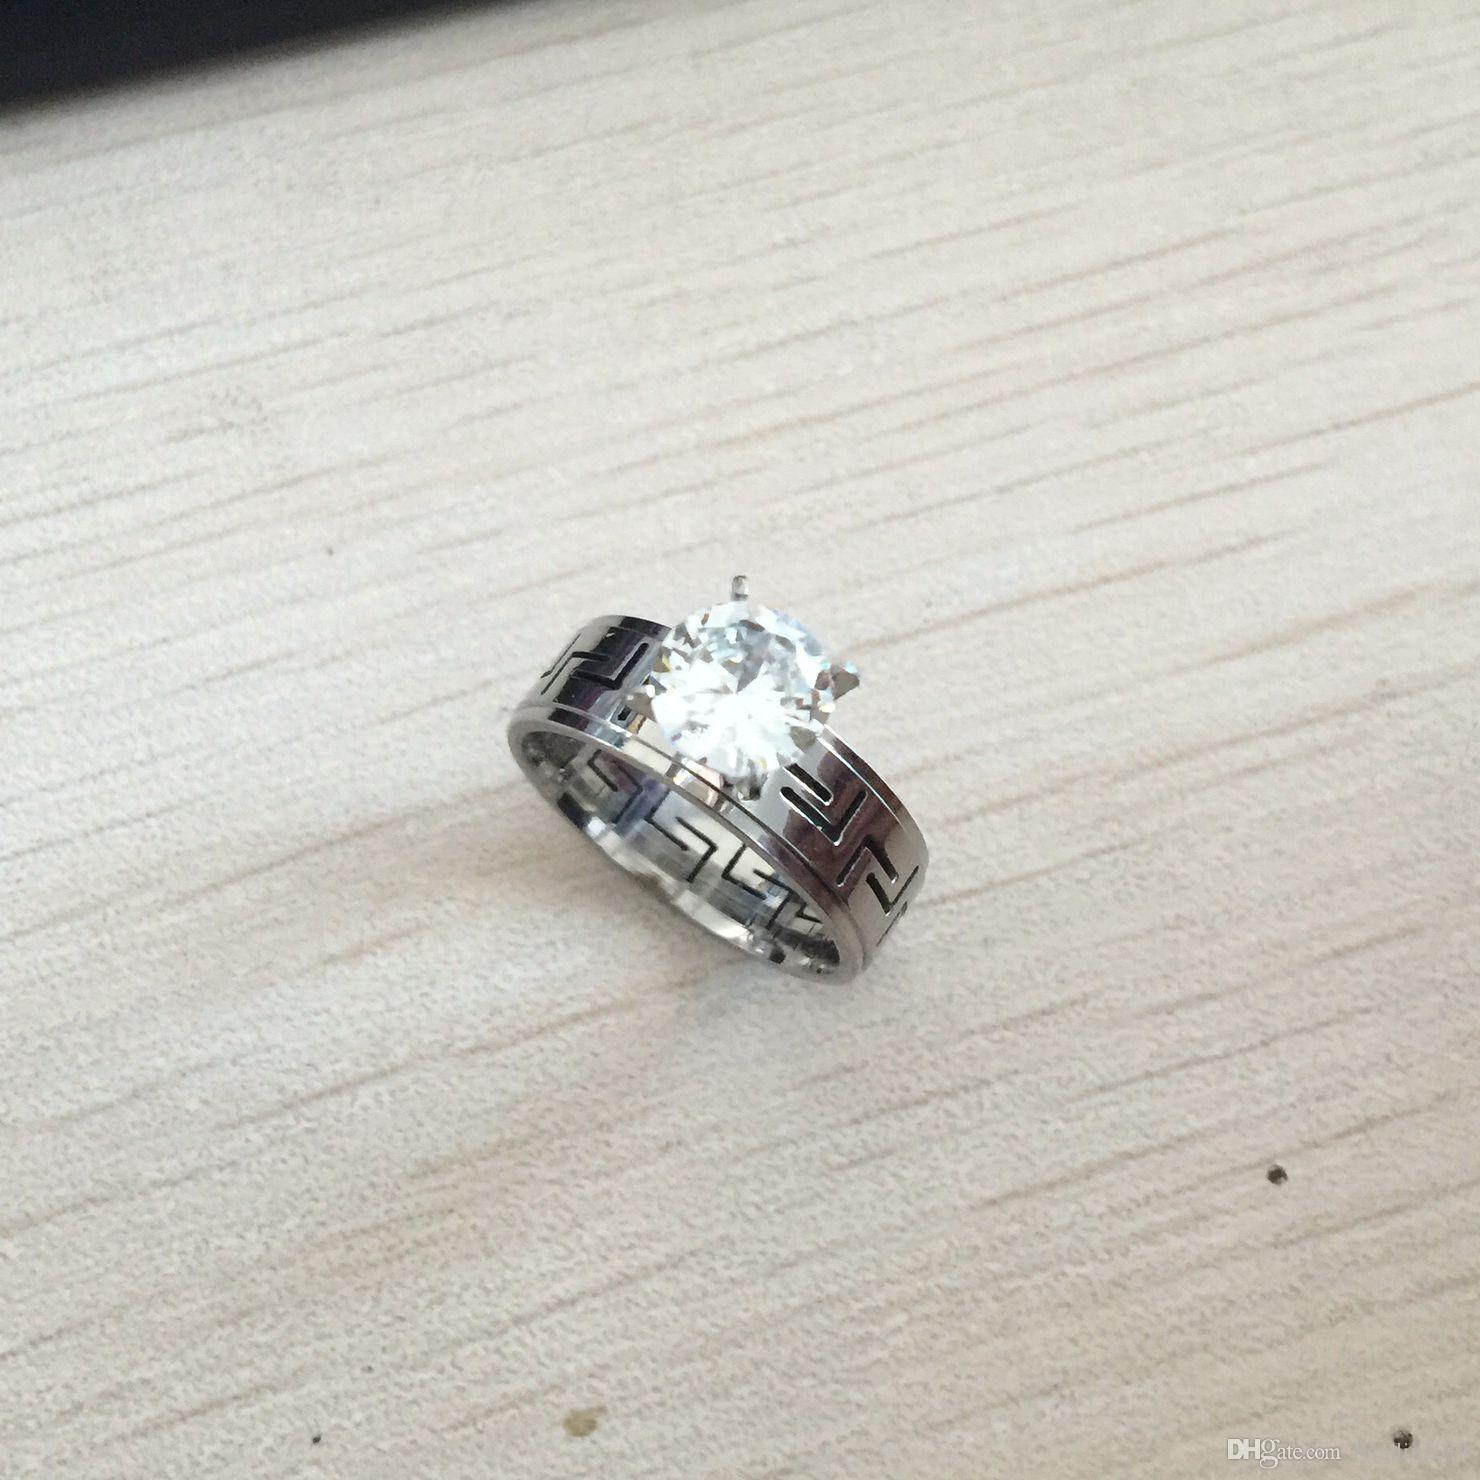 1.2 ct cz diamanti anelli le donne punk moda gioielli rilievi acciaio anelli di acciaio alla moda anello di lusso argento di lusso anello di colore spedizione gratuita